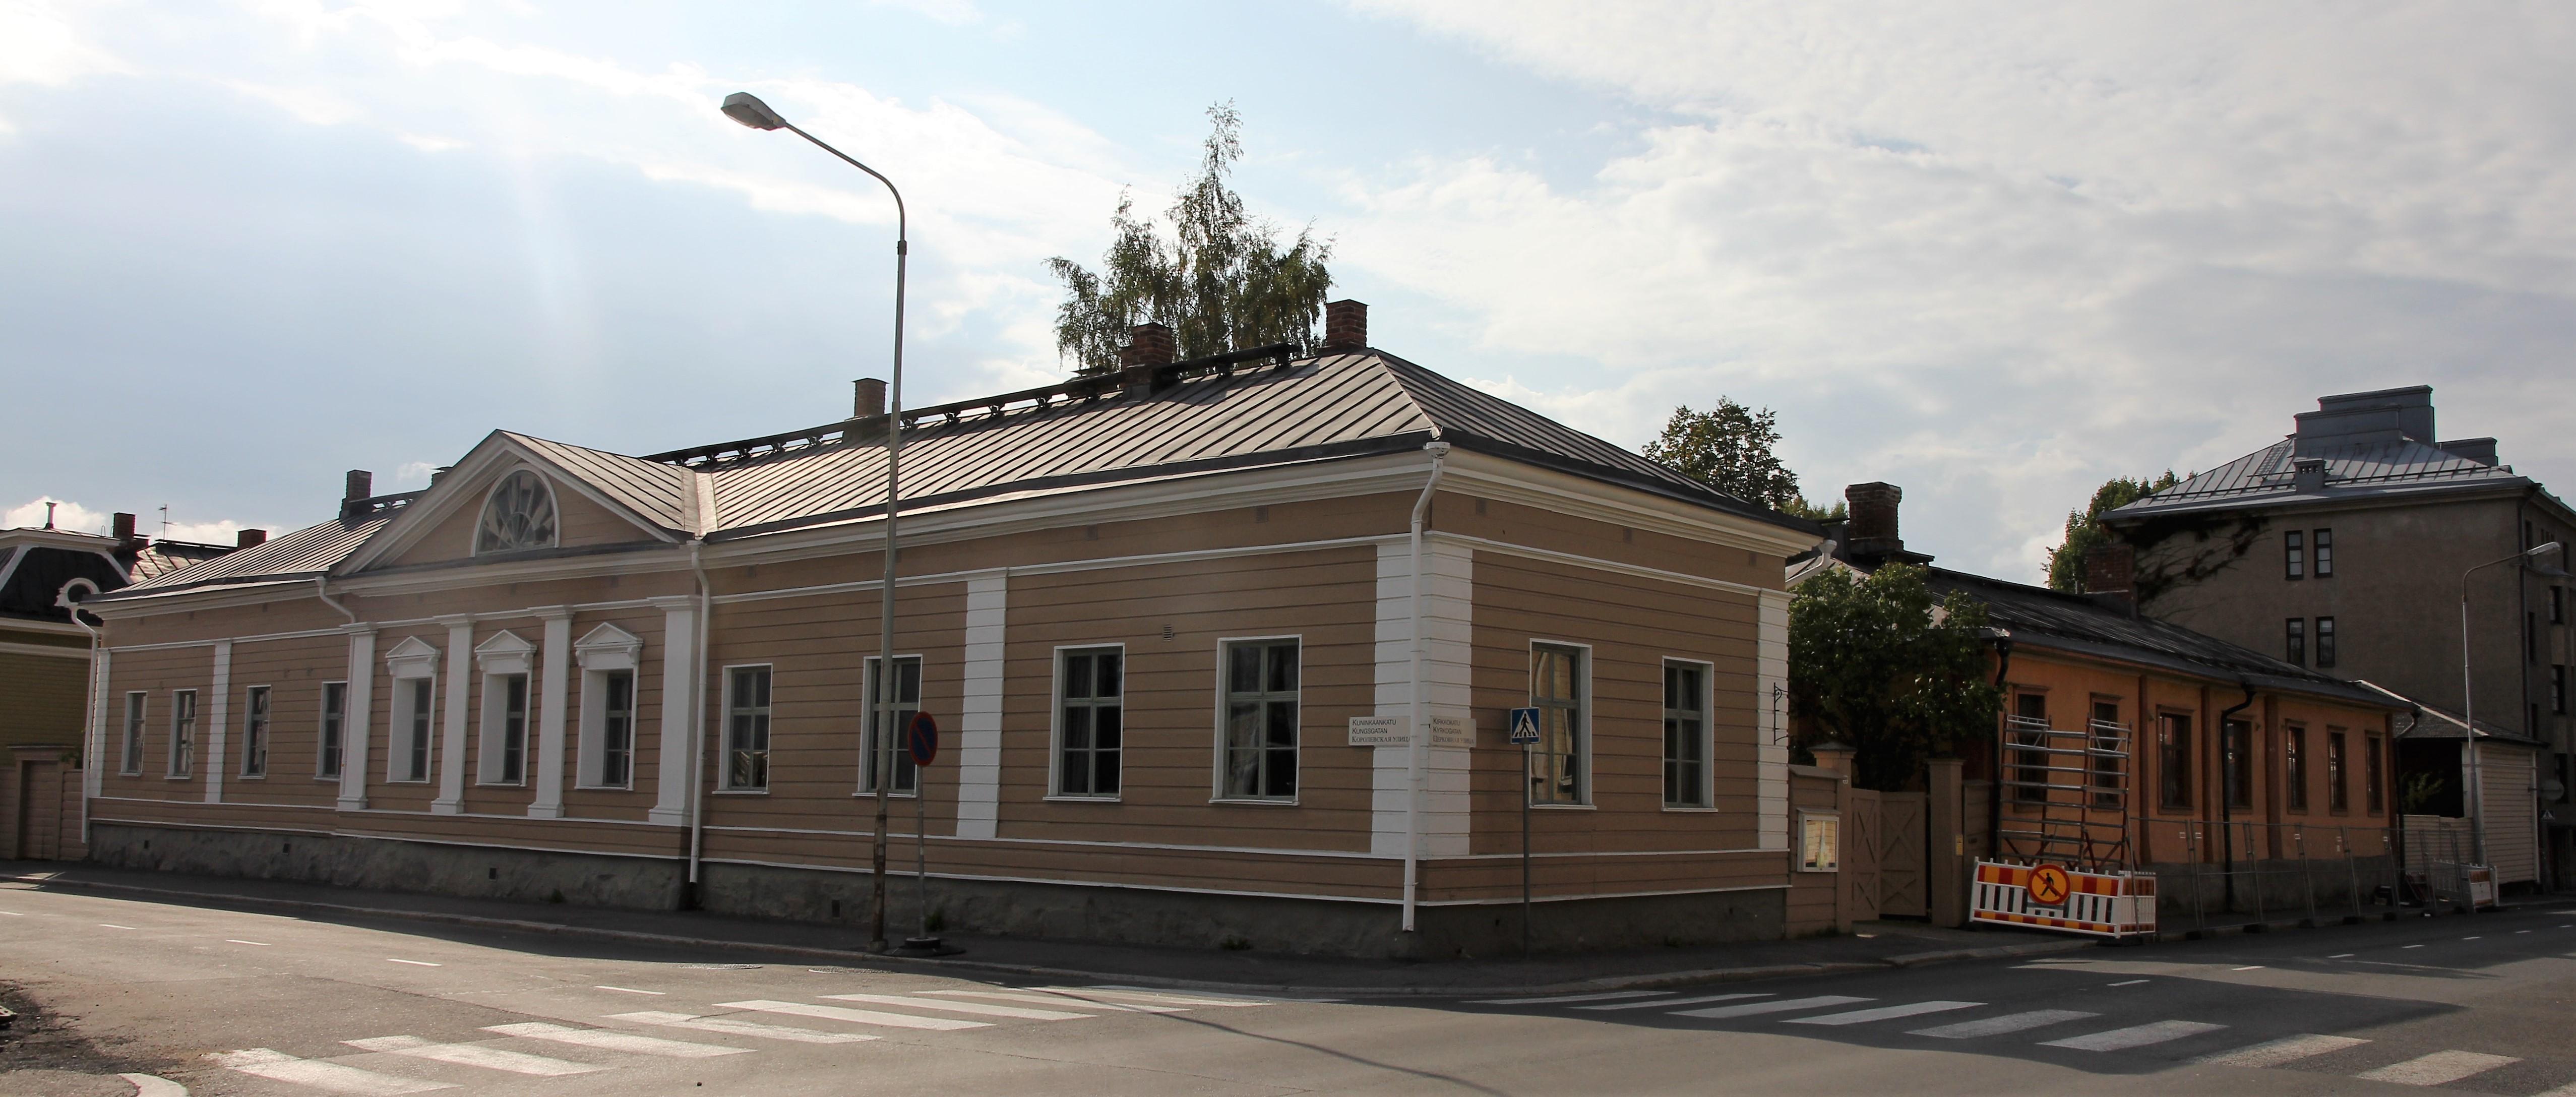 Kuopion korttelimuseo - Kirkkokatu 22 - Kuopio.jpg